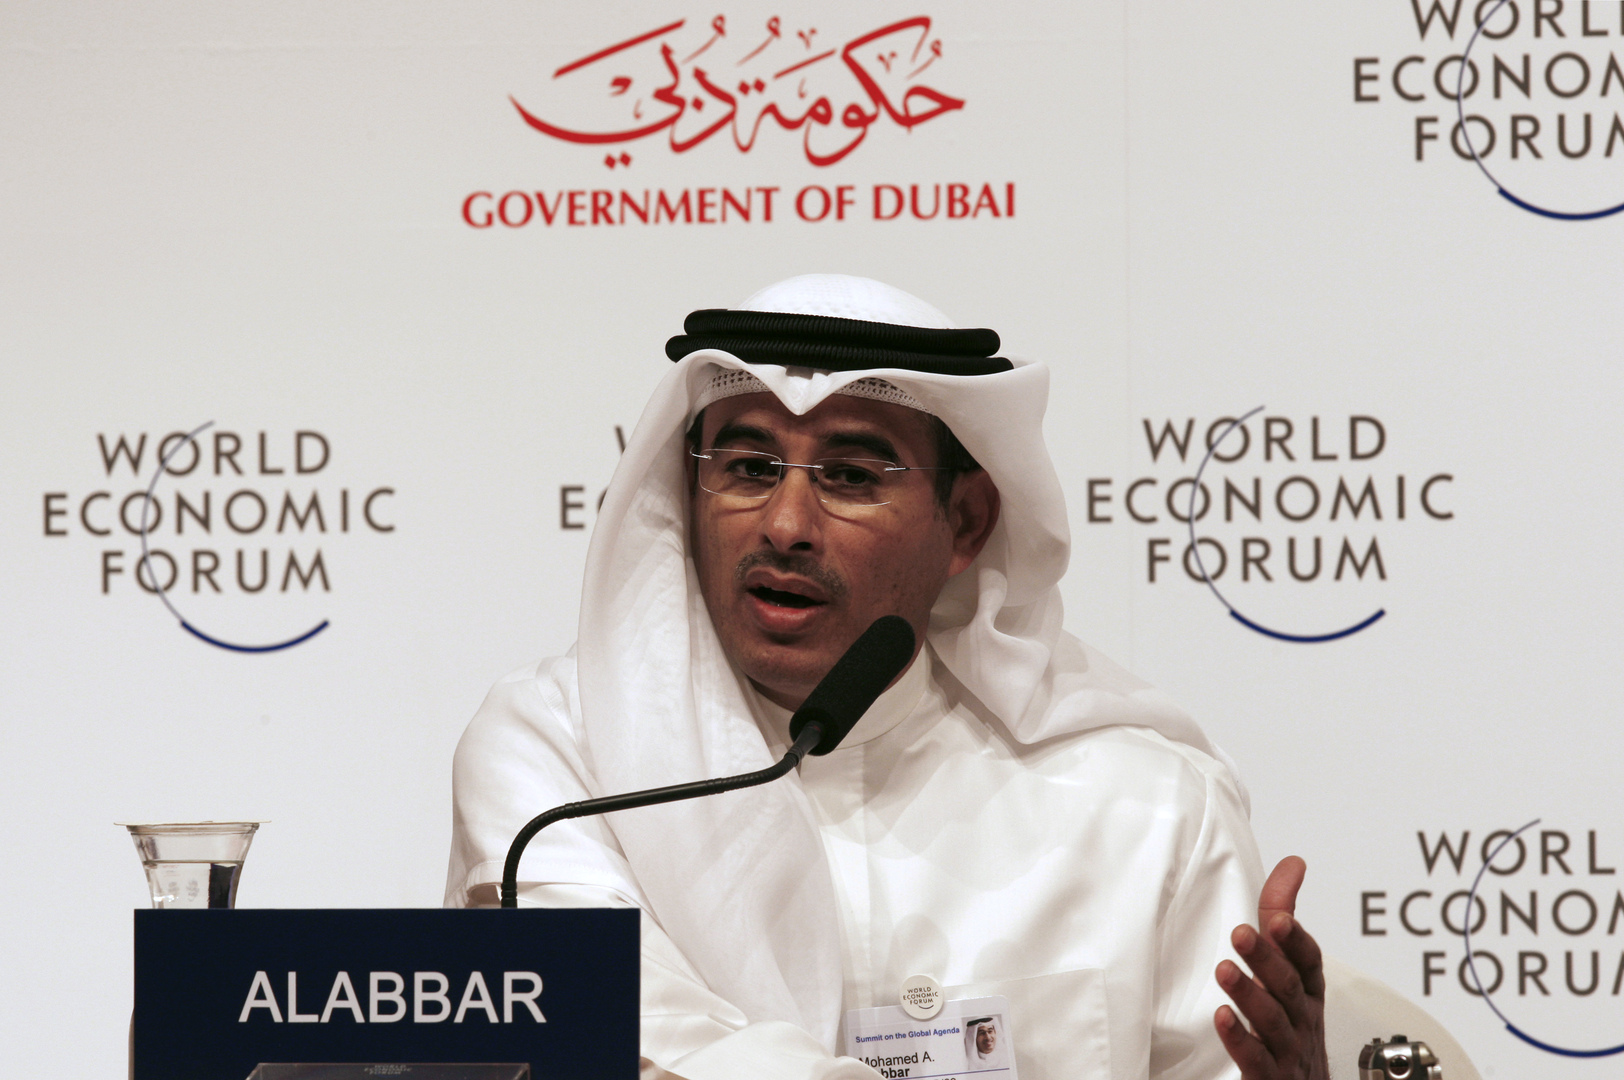 تقرير: رئيس مجلس إدارة برج خليفة من بين المتبرعين بـ170 مليون دولار لمشروع خيري إسرائيلي